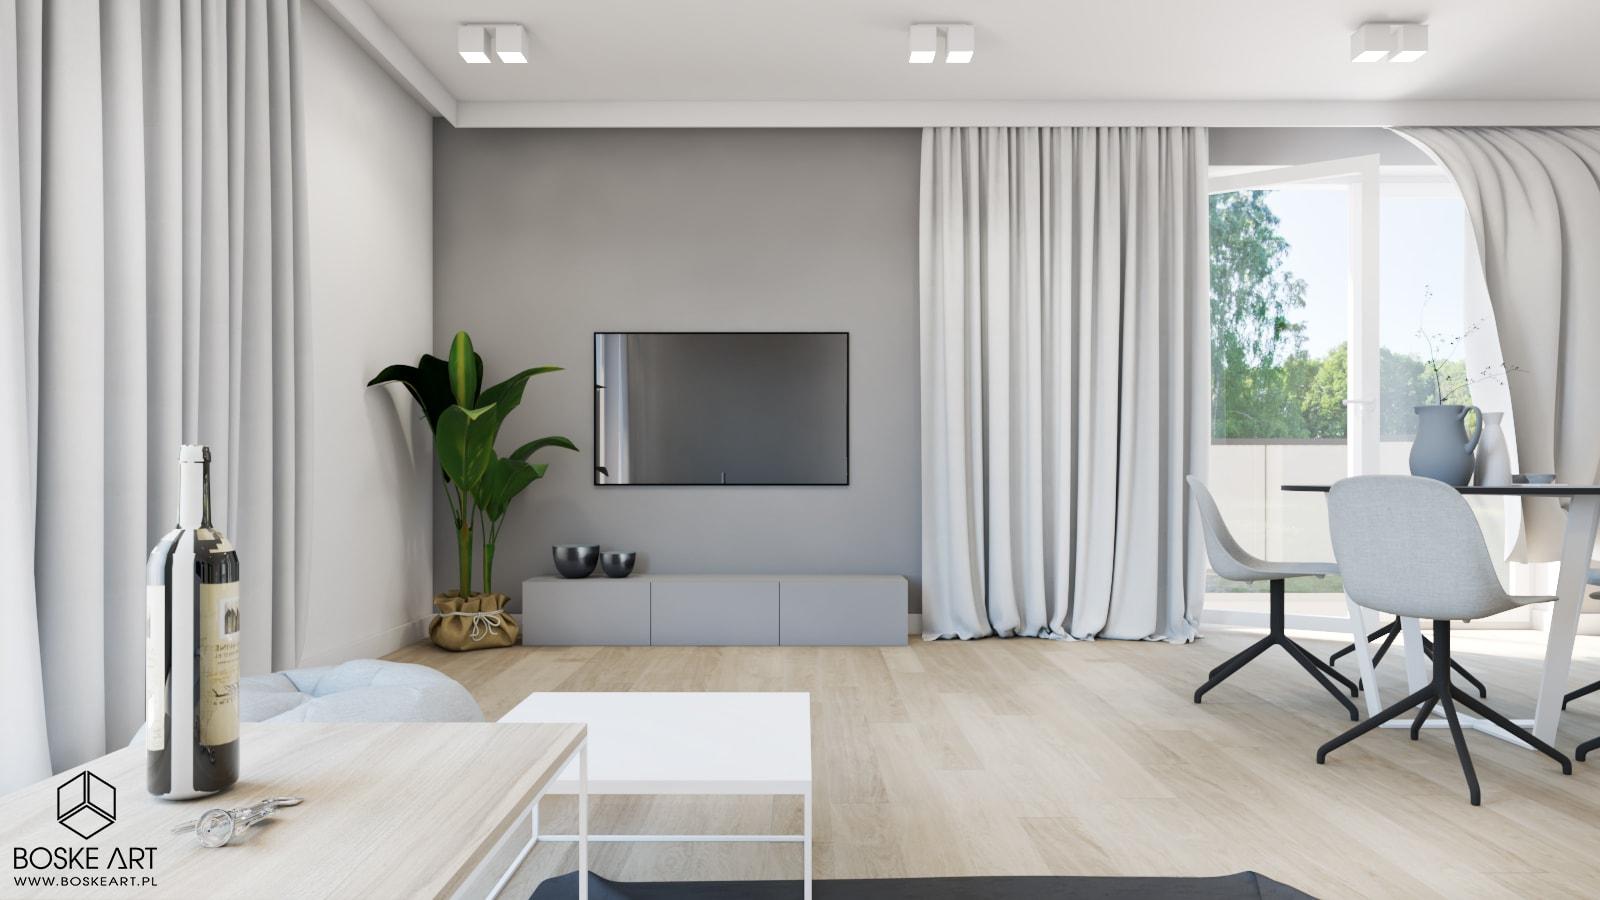 1_mieszkanie_jarocin_boske_art_projektowanie_wnetrz_architektura_natalia_robaszkiewicz-min